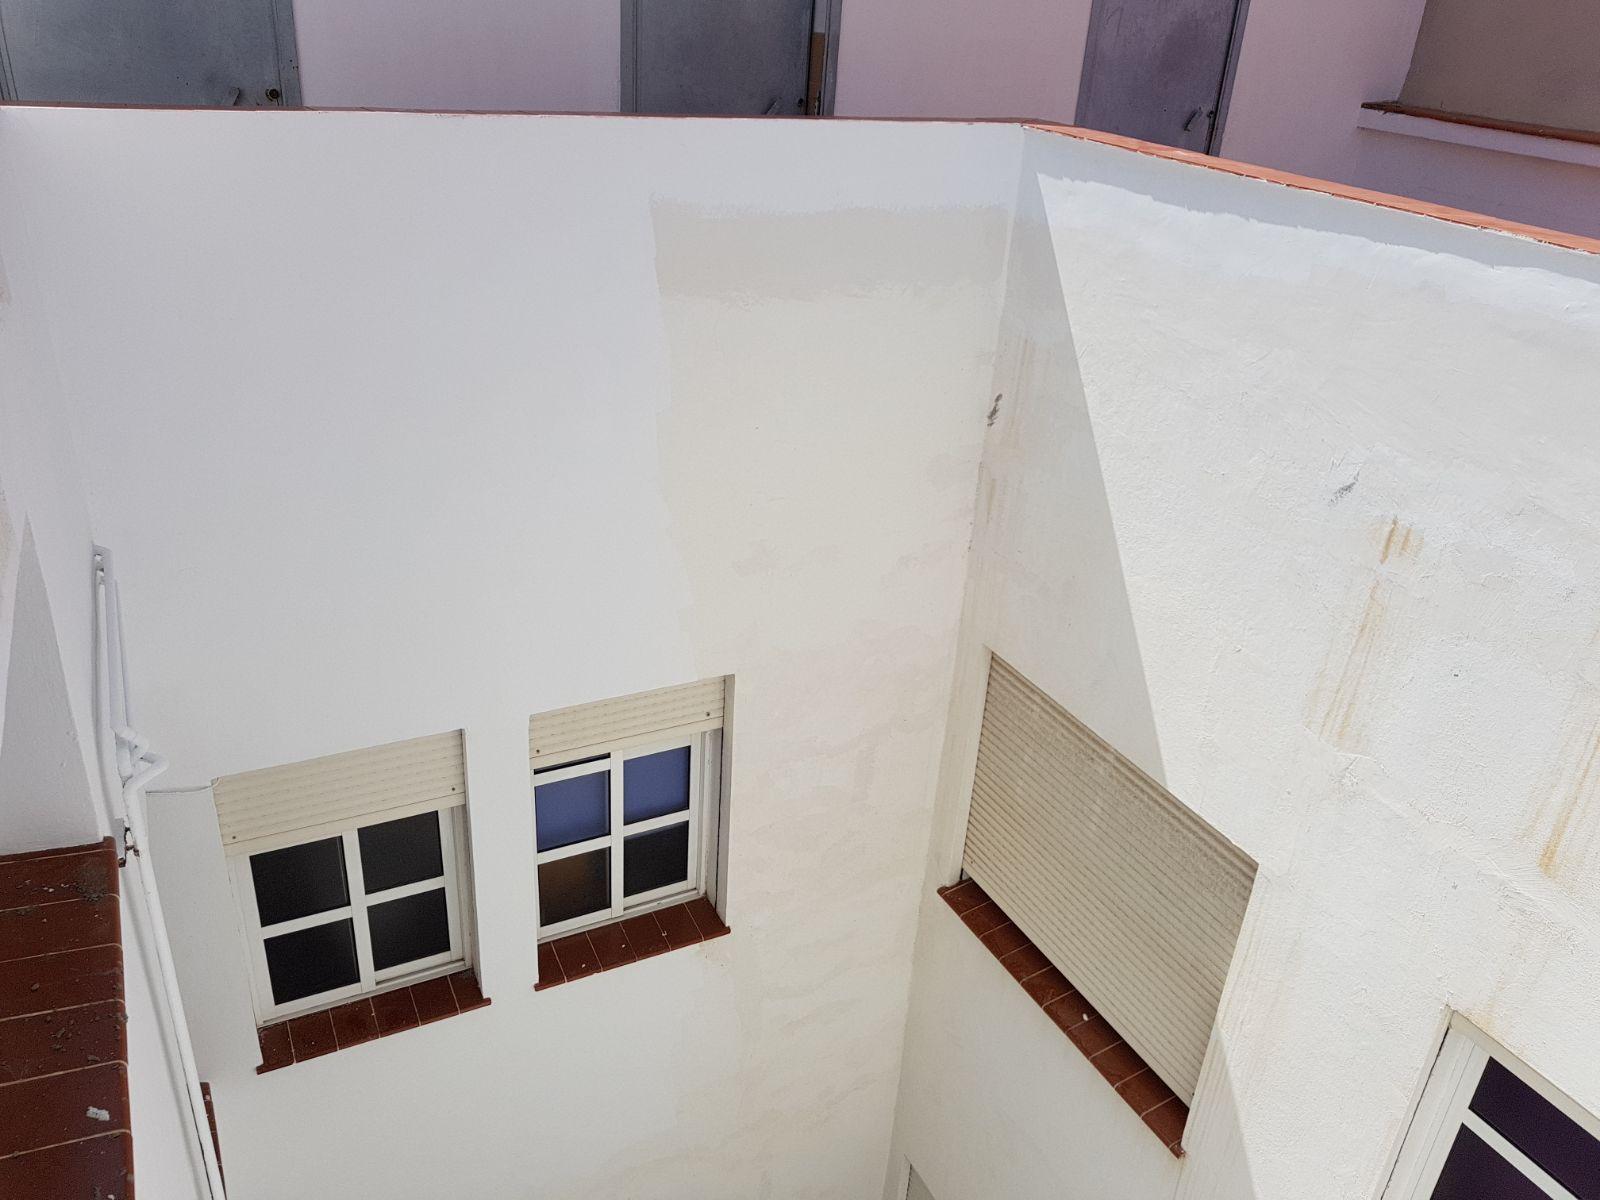 Rehabilitación de patios y fachadas en Tenerife